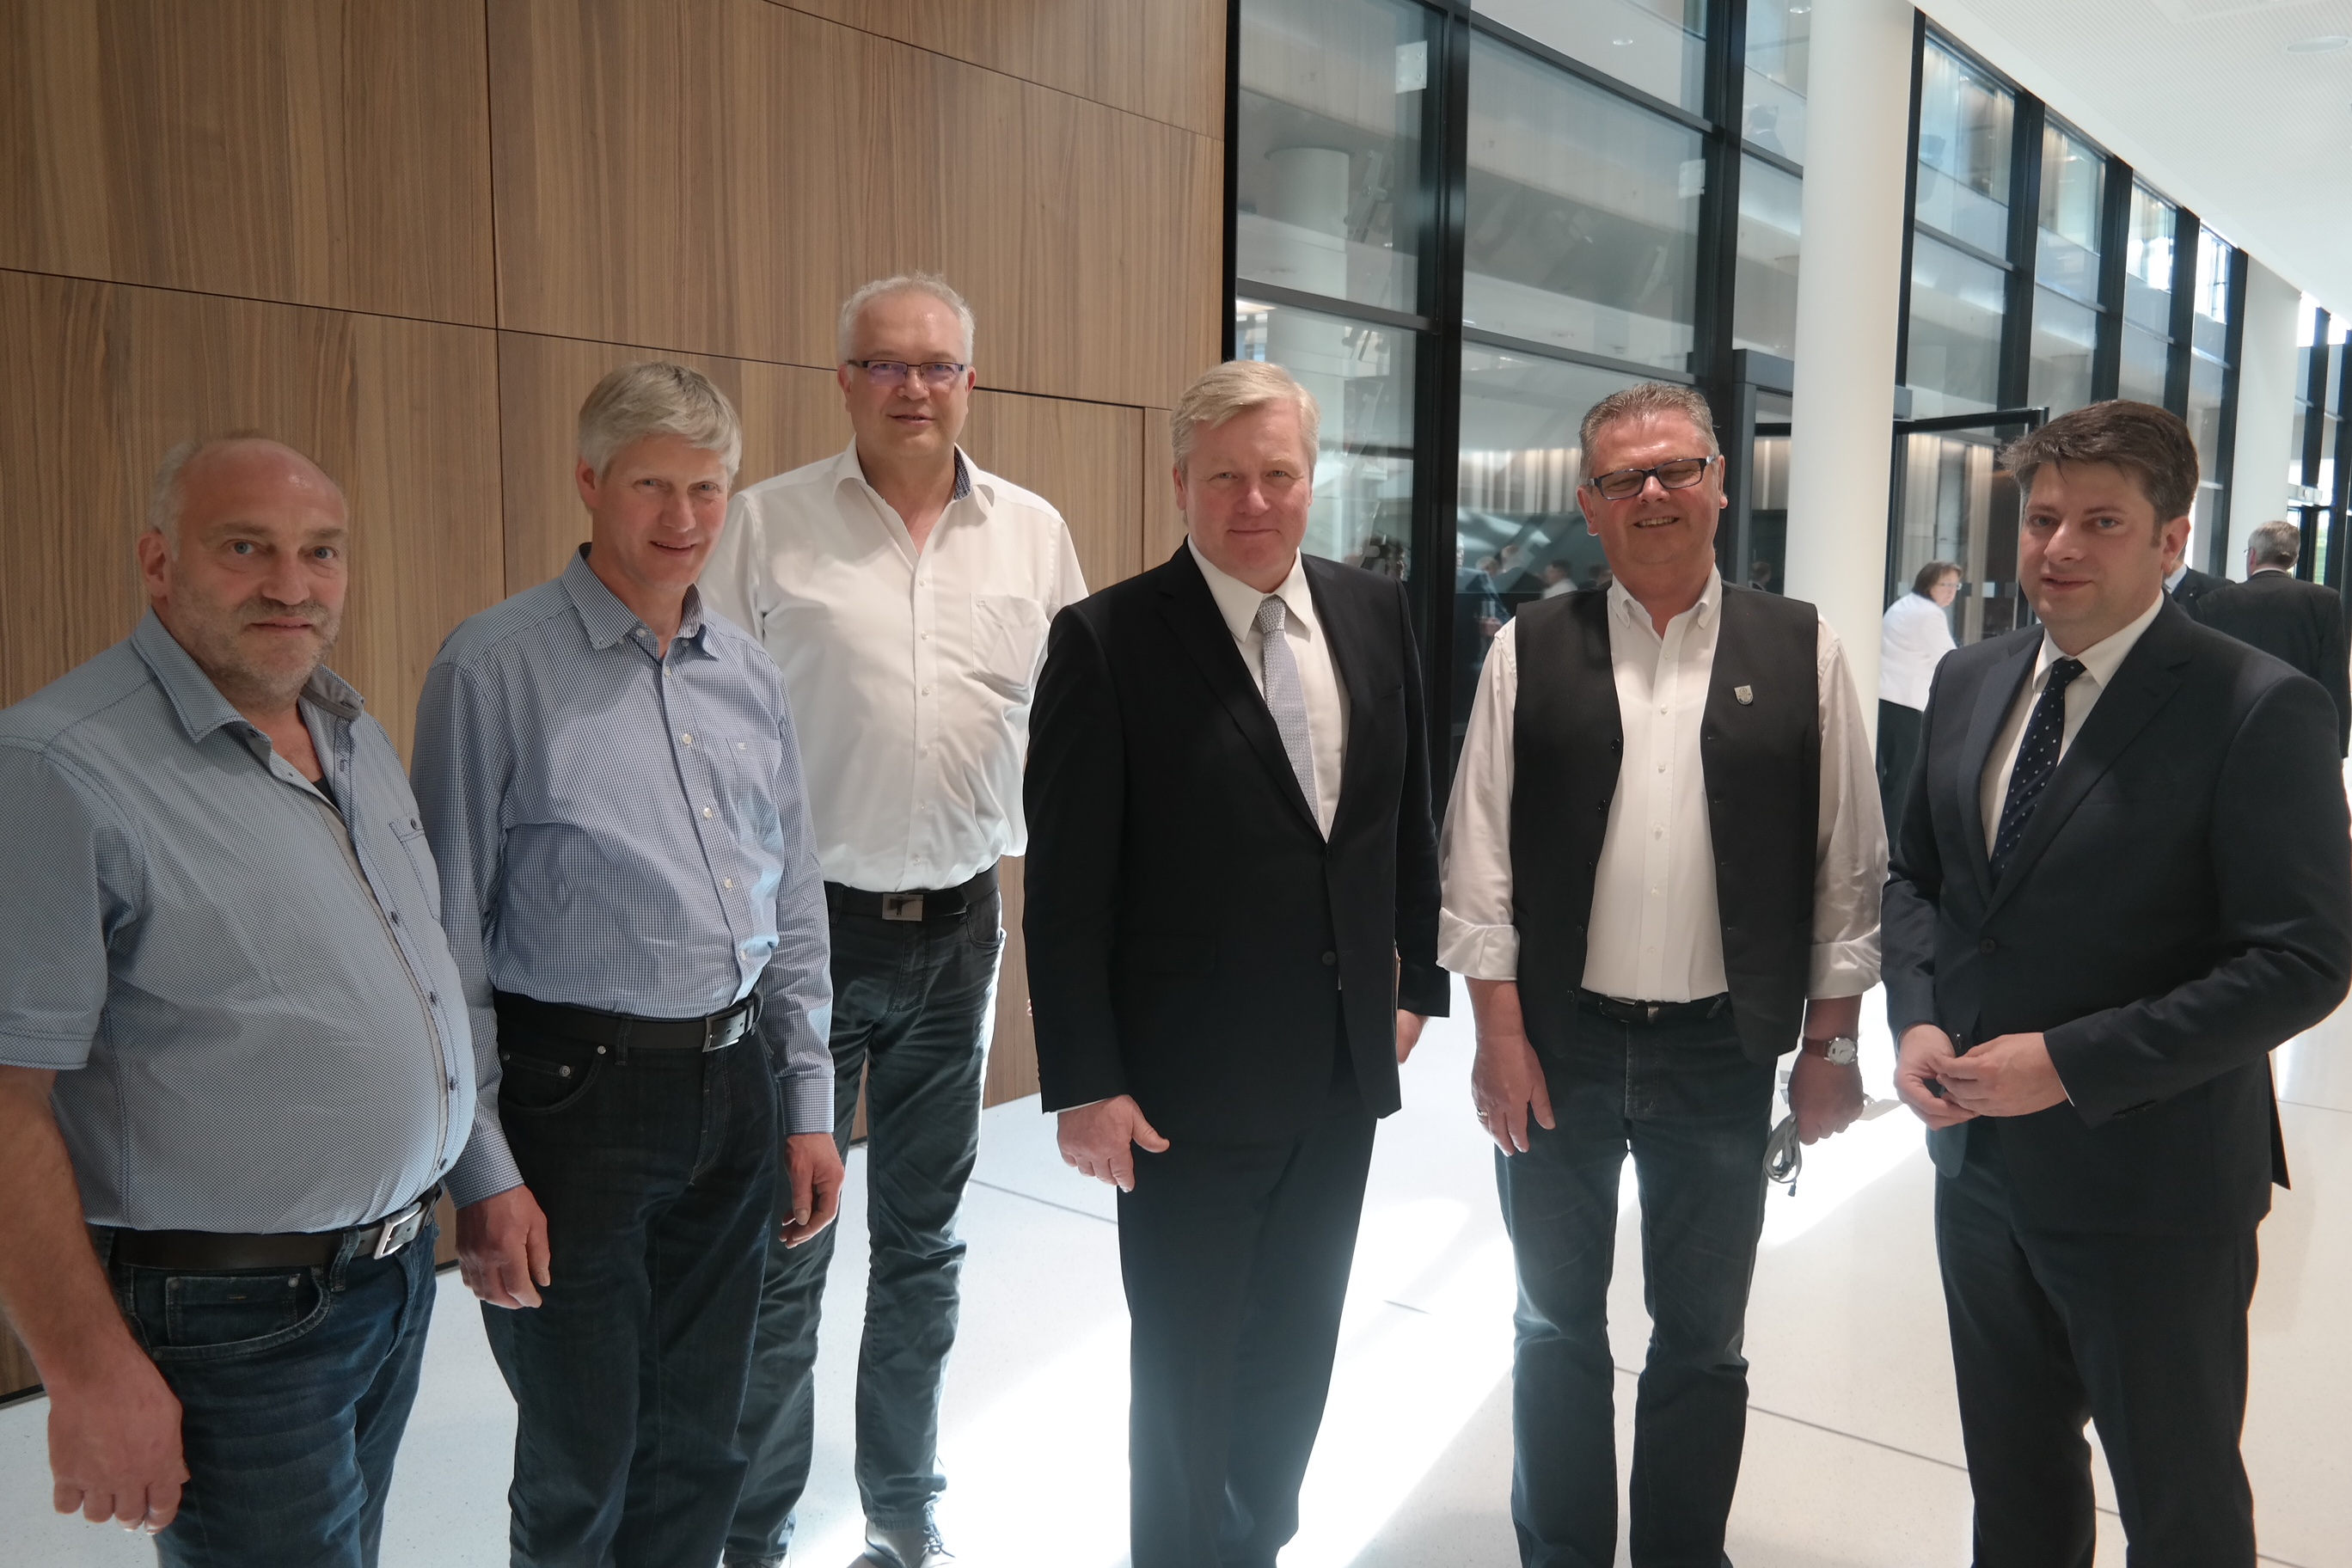 Auch ein Gespräch mit Vize-Ministerpräsident Bernd Althusmann stand auf der Tagesordnung des Besuches der Politvertreter aus Neuenkirchen-Vörden im Niedersächsischen Landtag.